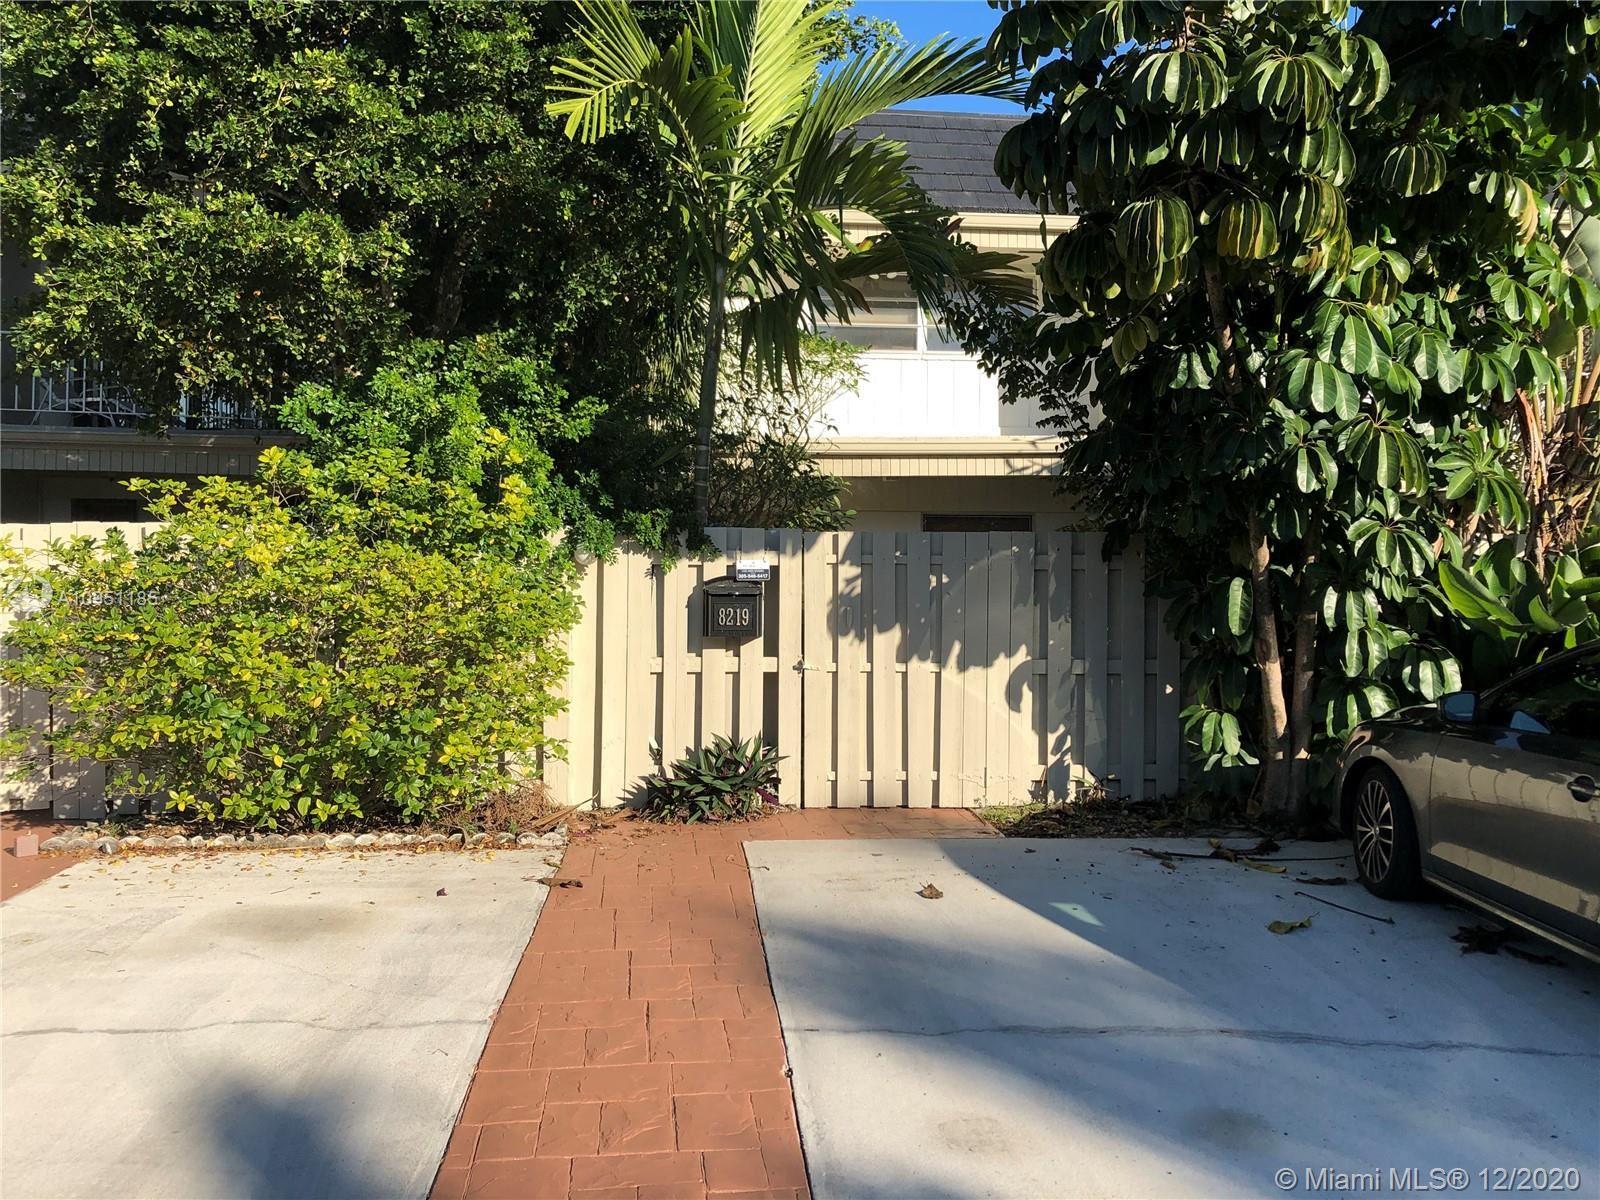 8219 SW 82nd Pl #8219, Miami, FL 33143 - #: A10951185